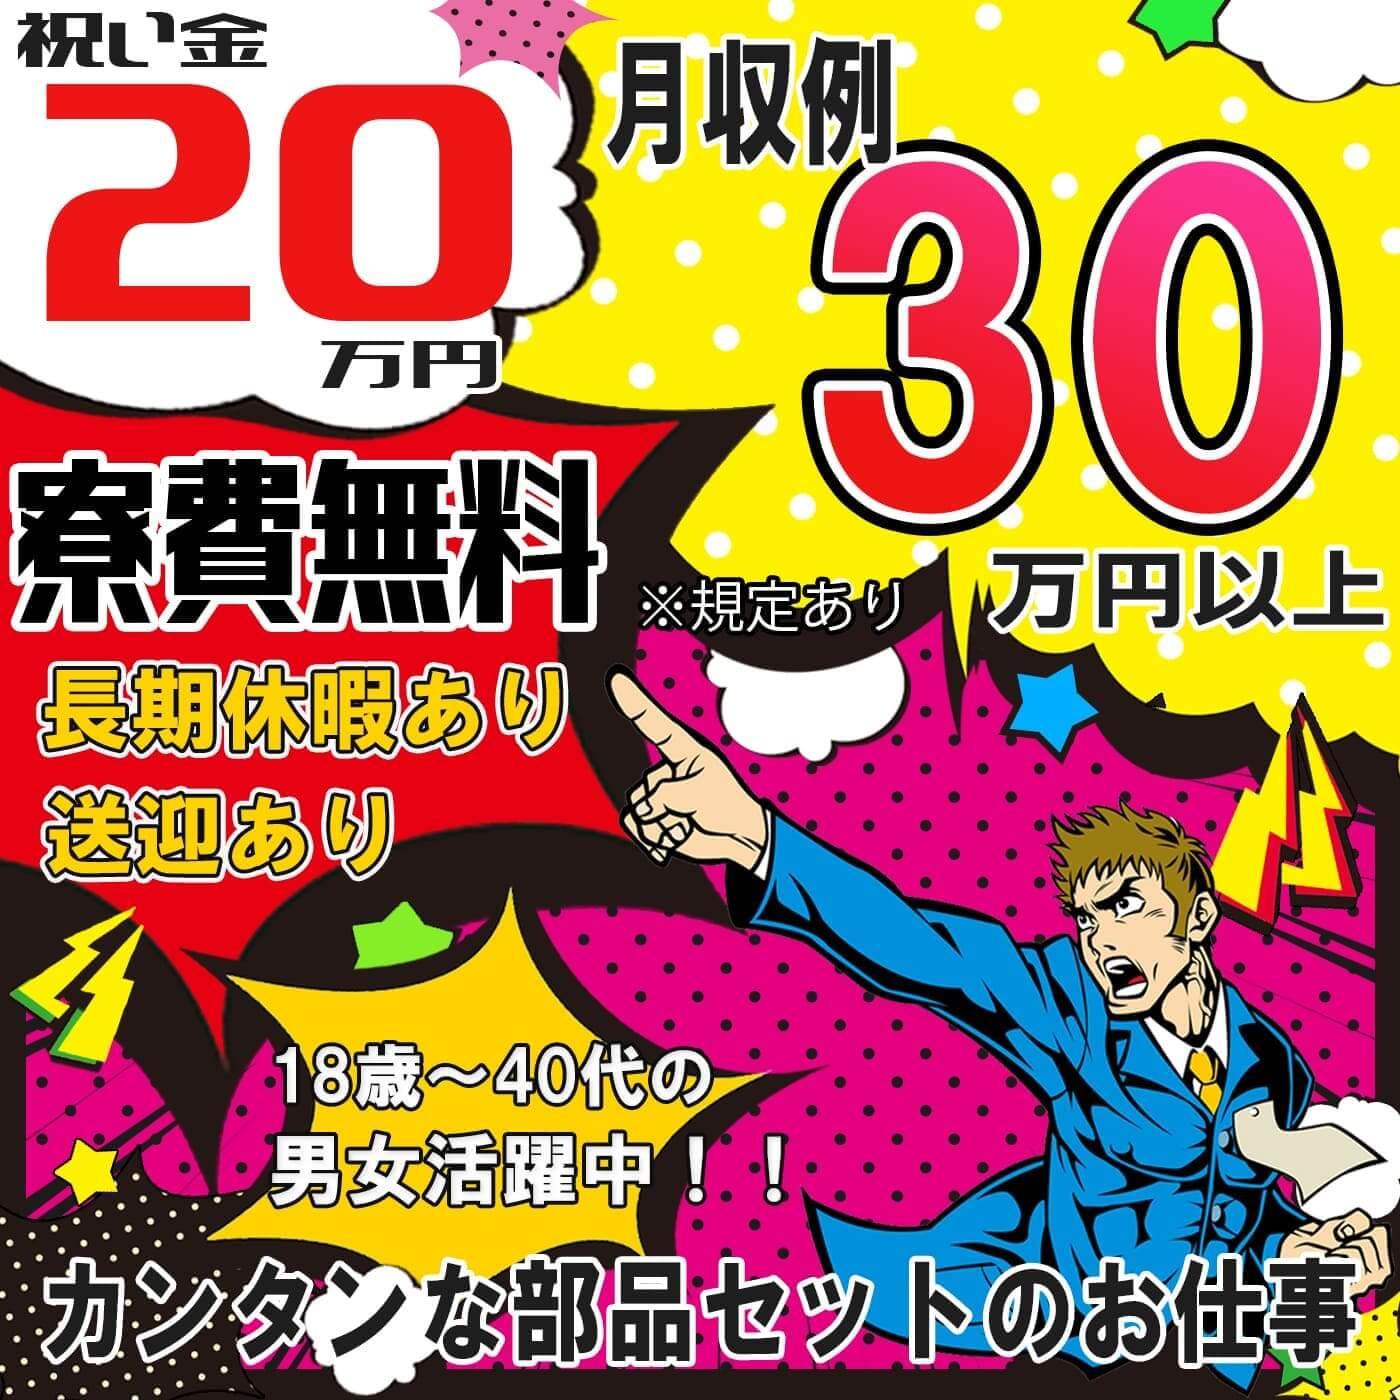 Echizenshi3 main4.psd